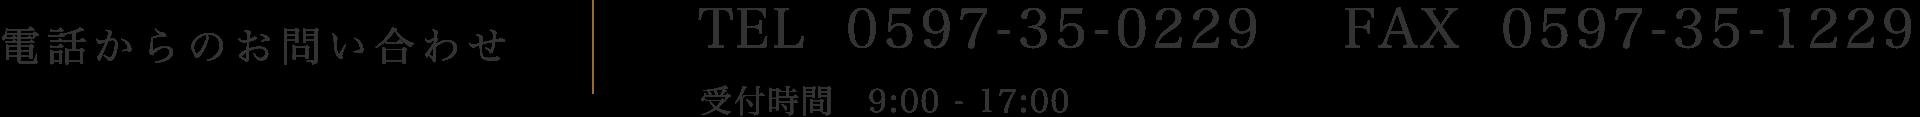 お電話でのお問い合わせは0597-35-0229、FAXは0597-35-1229まで。受付時間は9:00から17:00となります。